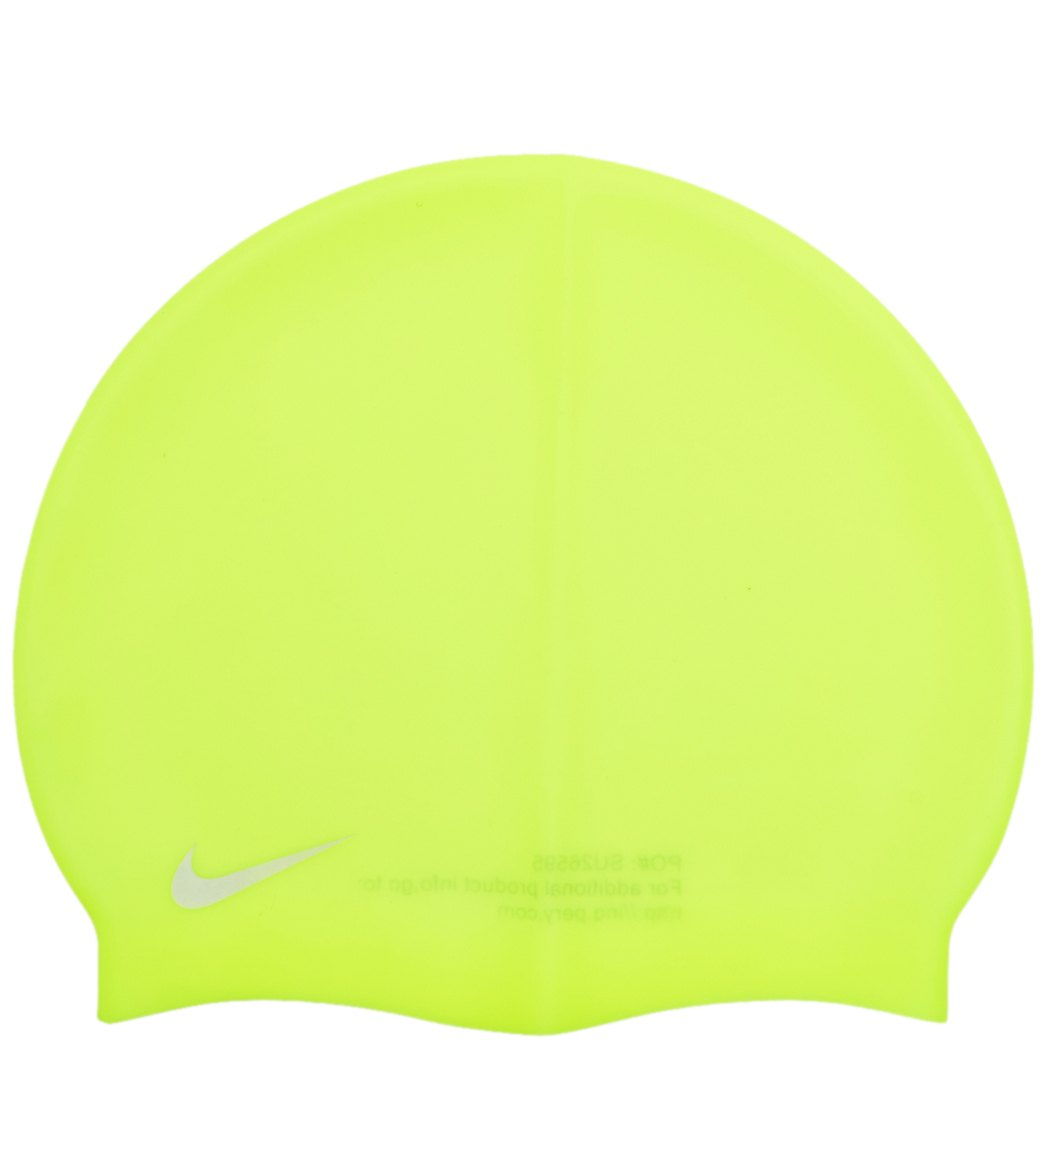 72d47b32567 Nike Junior Solid Silicone Swim Cap at SwimOutlet.com